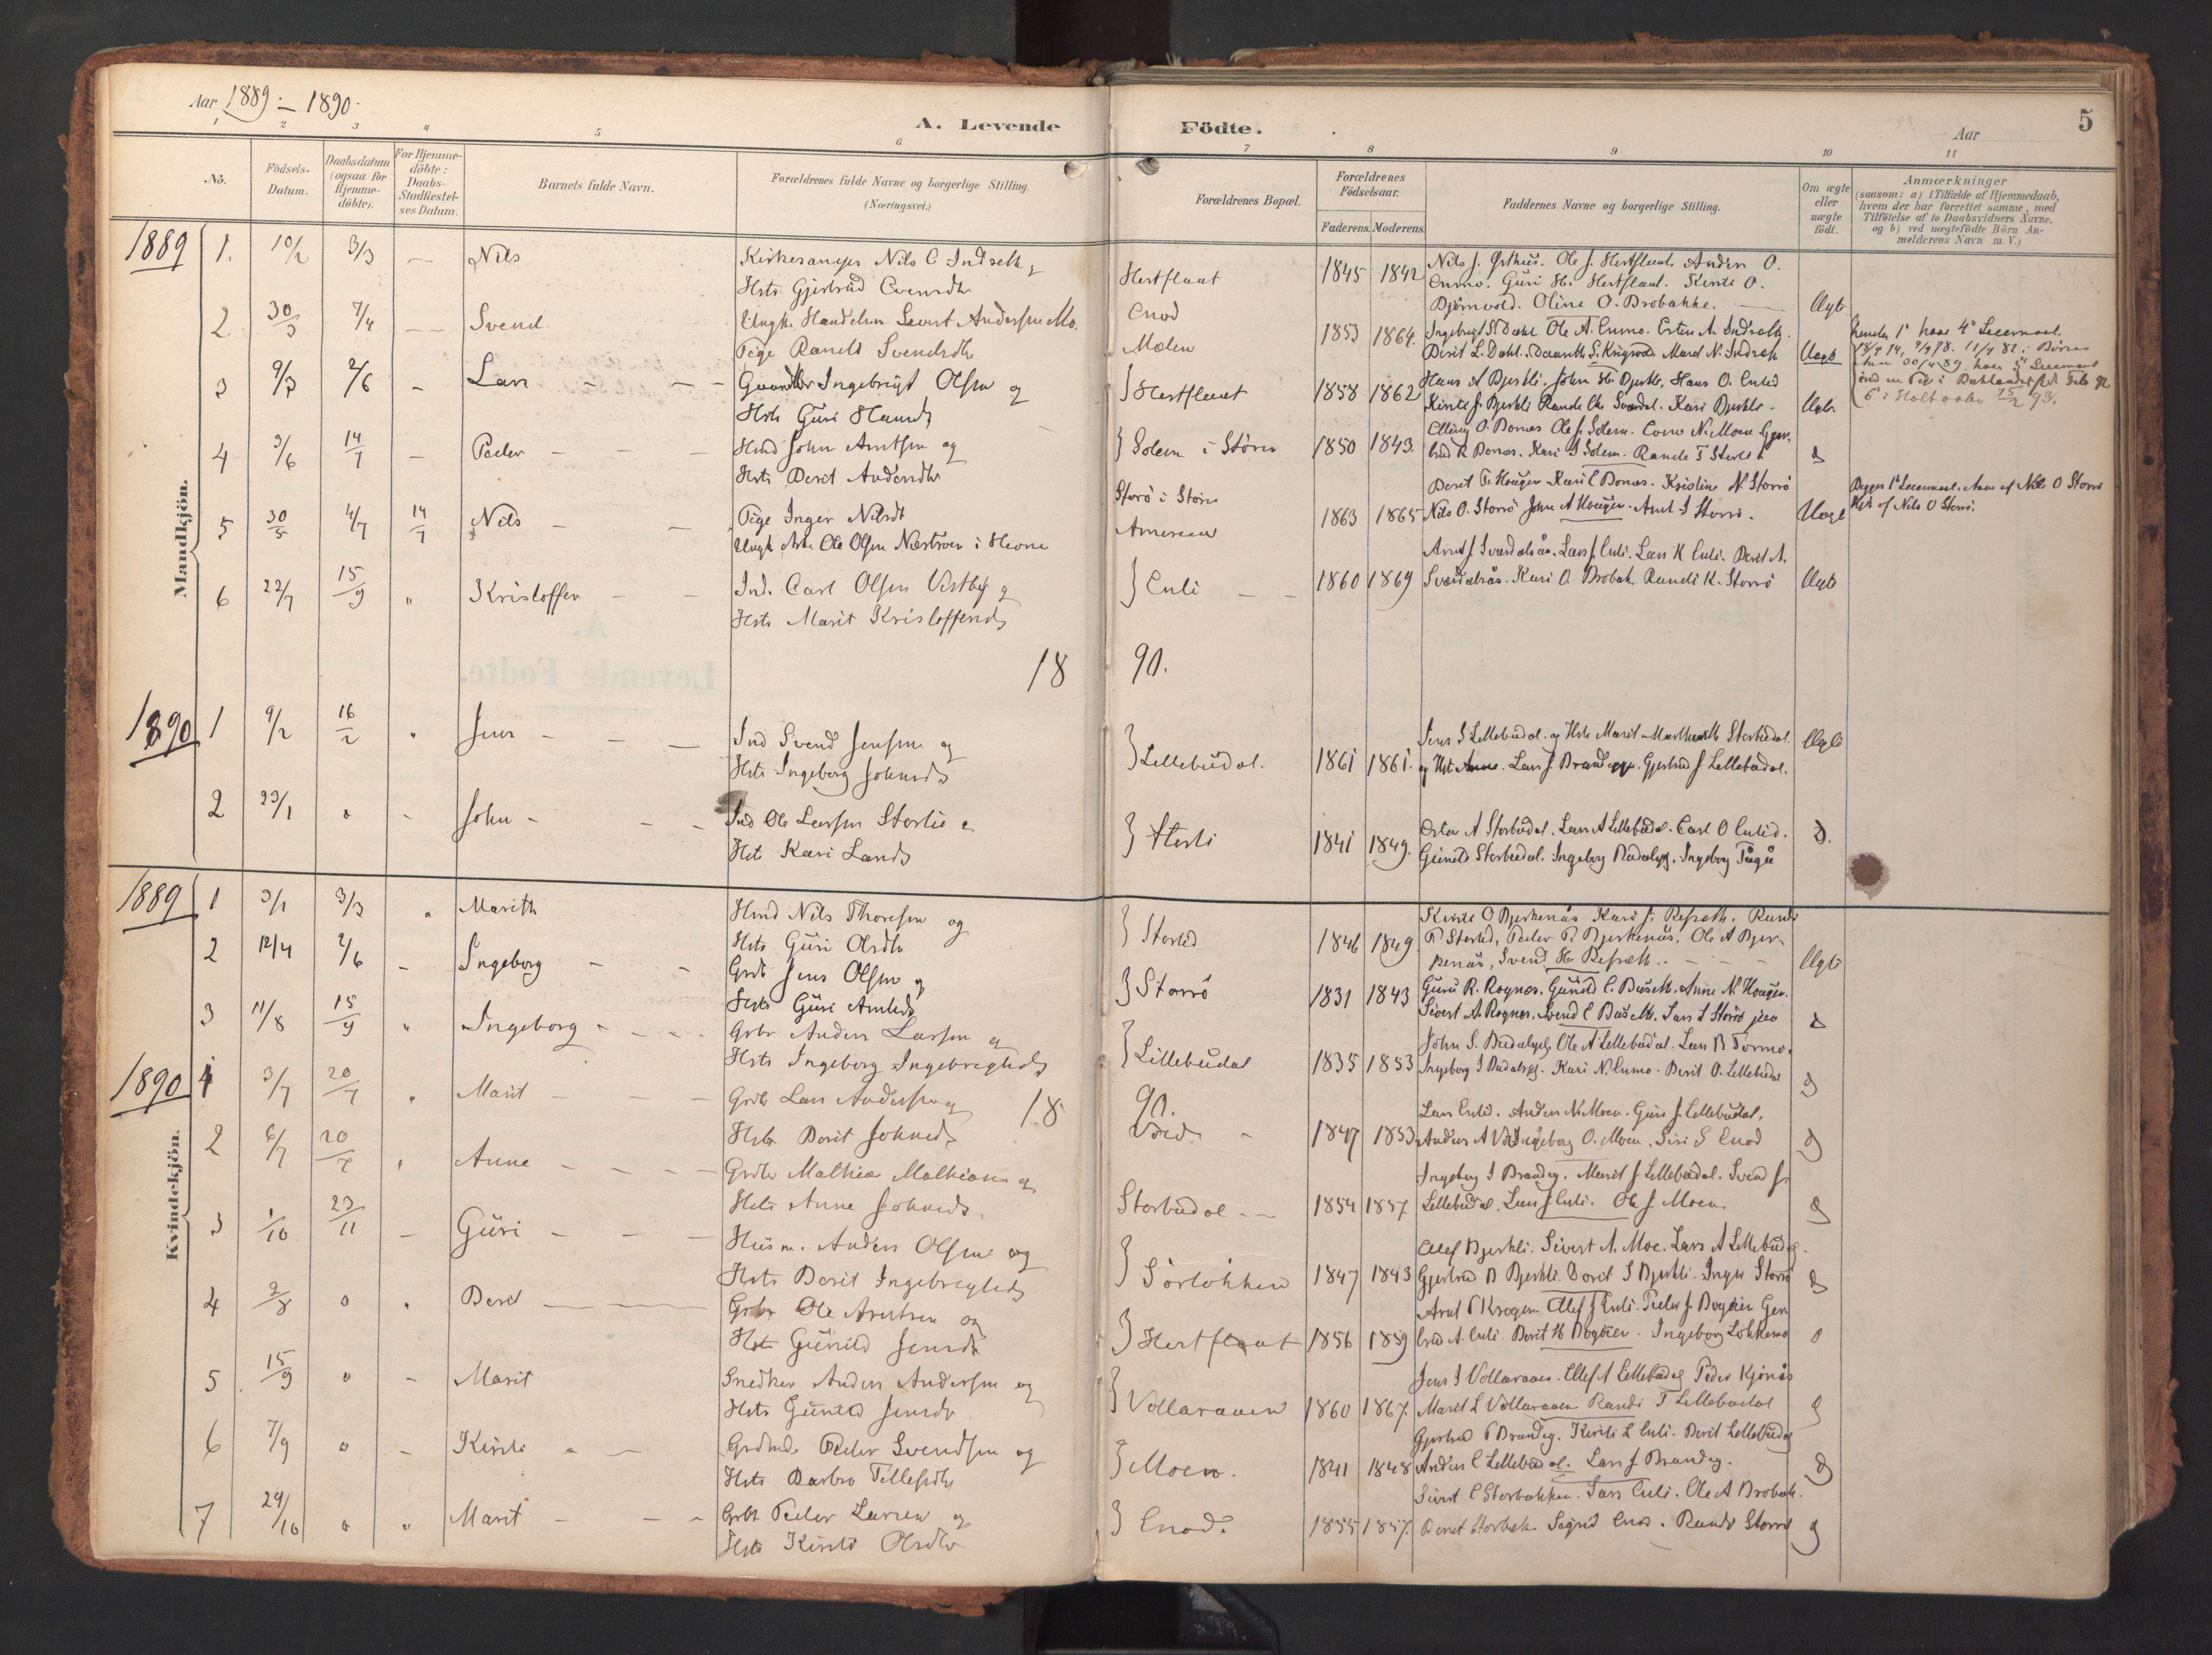 SAT, Ministerialprotokoller, klokkerbøker og fødselsregistre - Sør-Trøndelag, 690/L1050: Ministerialbok nr. 690A01, 1889-1929, s. 5